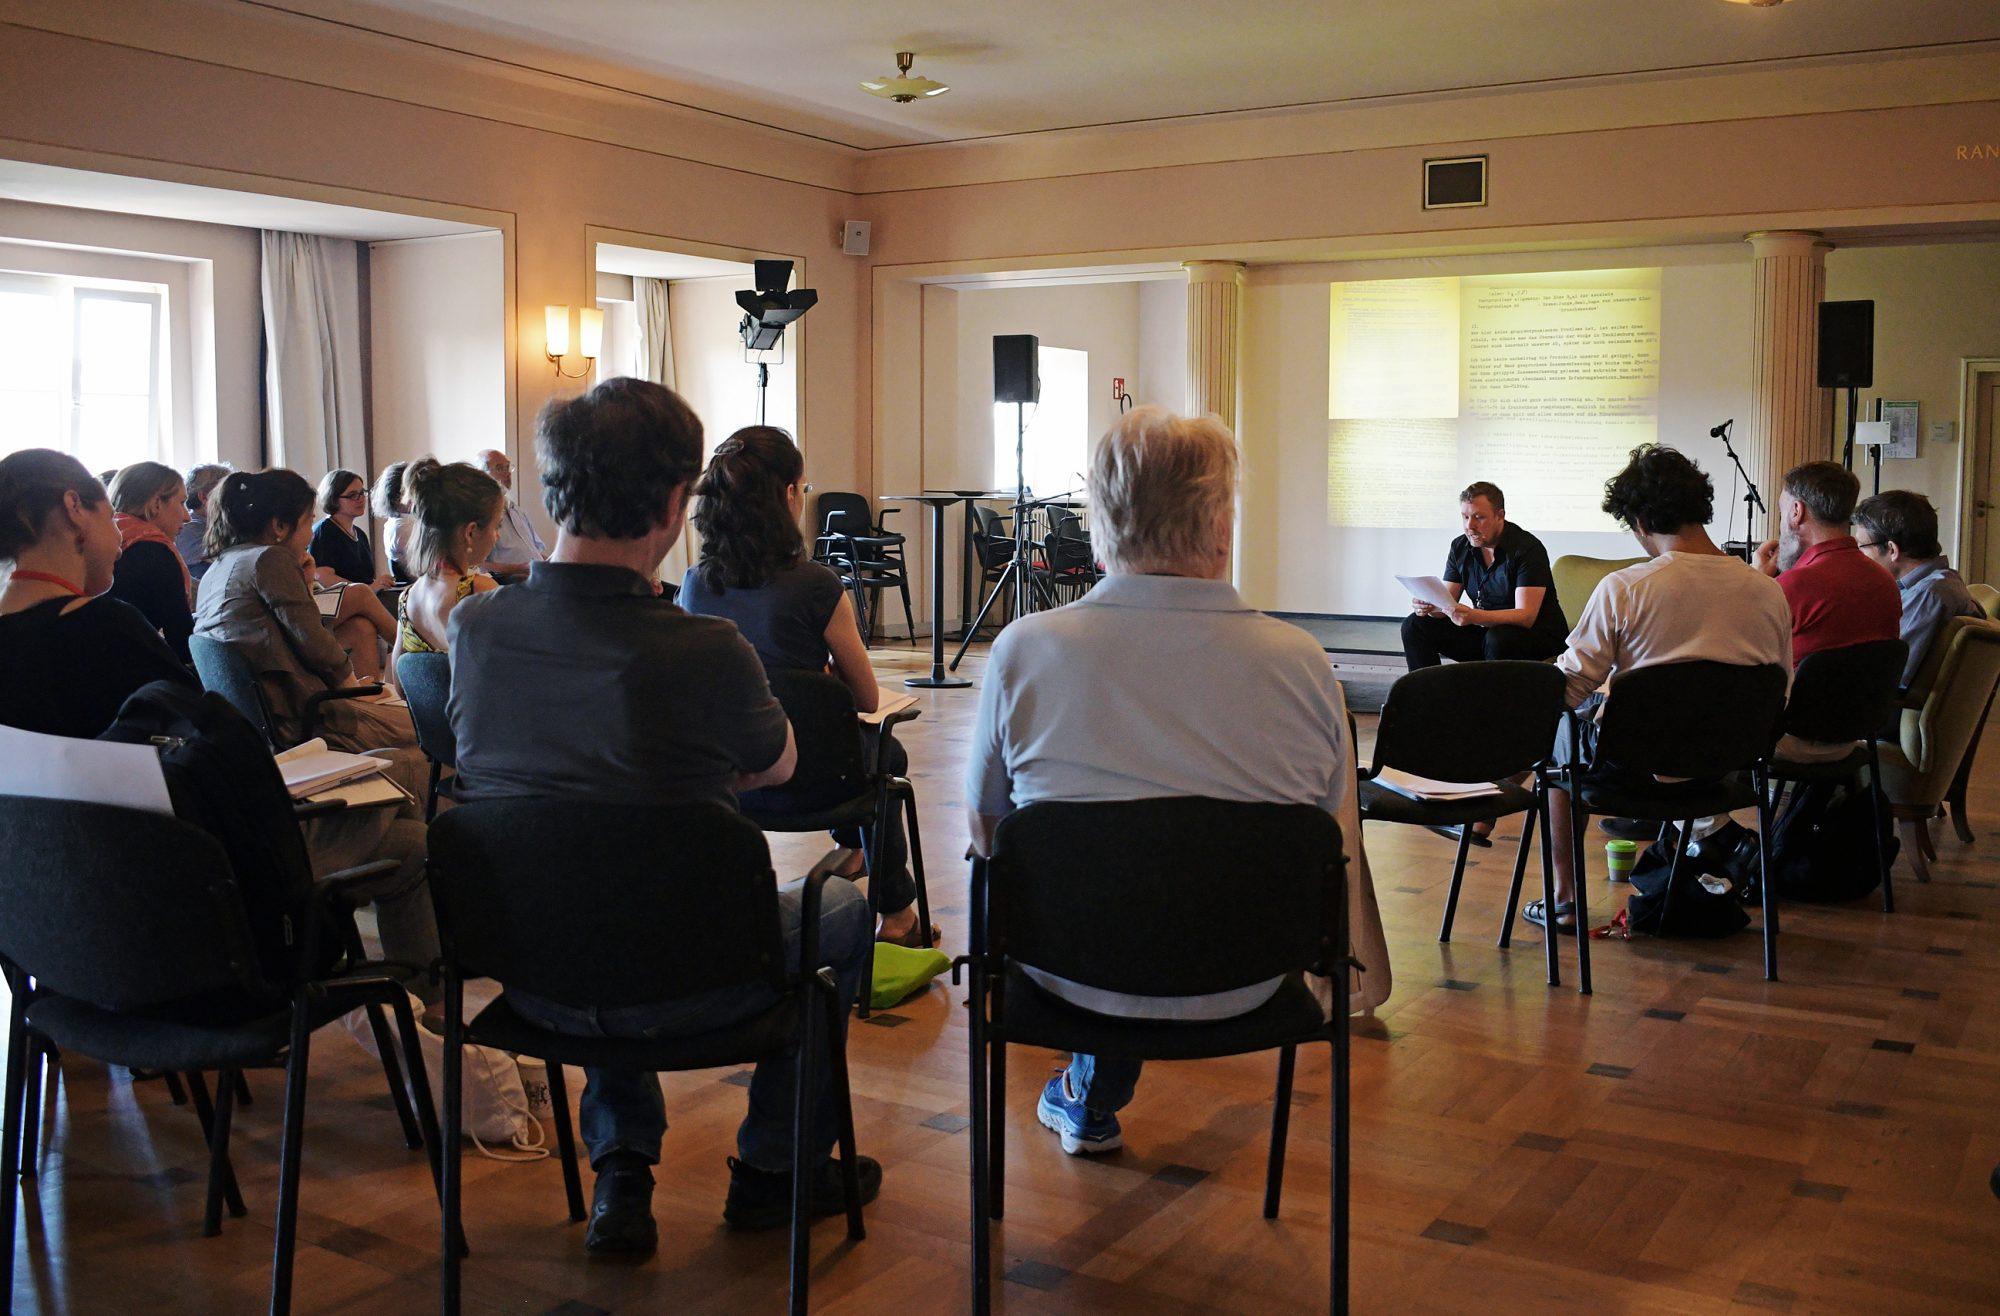 Vortrag im Rangfoyer des Schauspiel Leipzig. © CCT/Daniel Herold